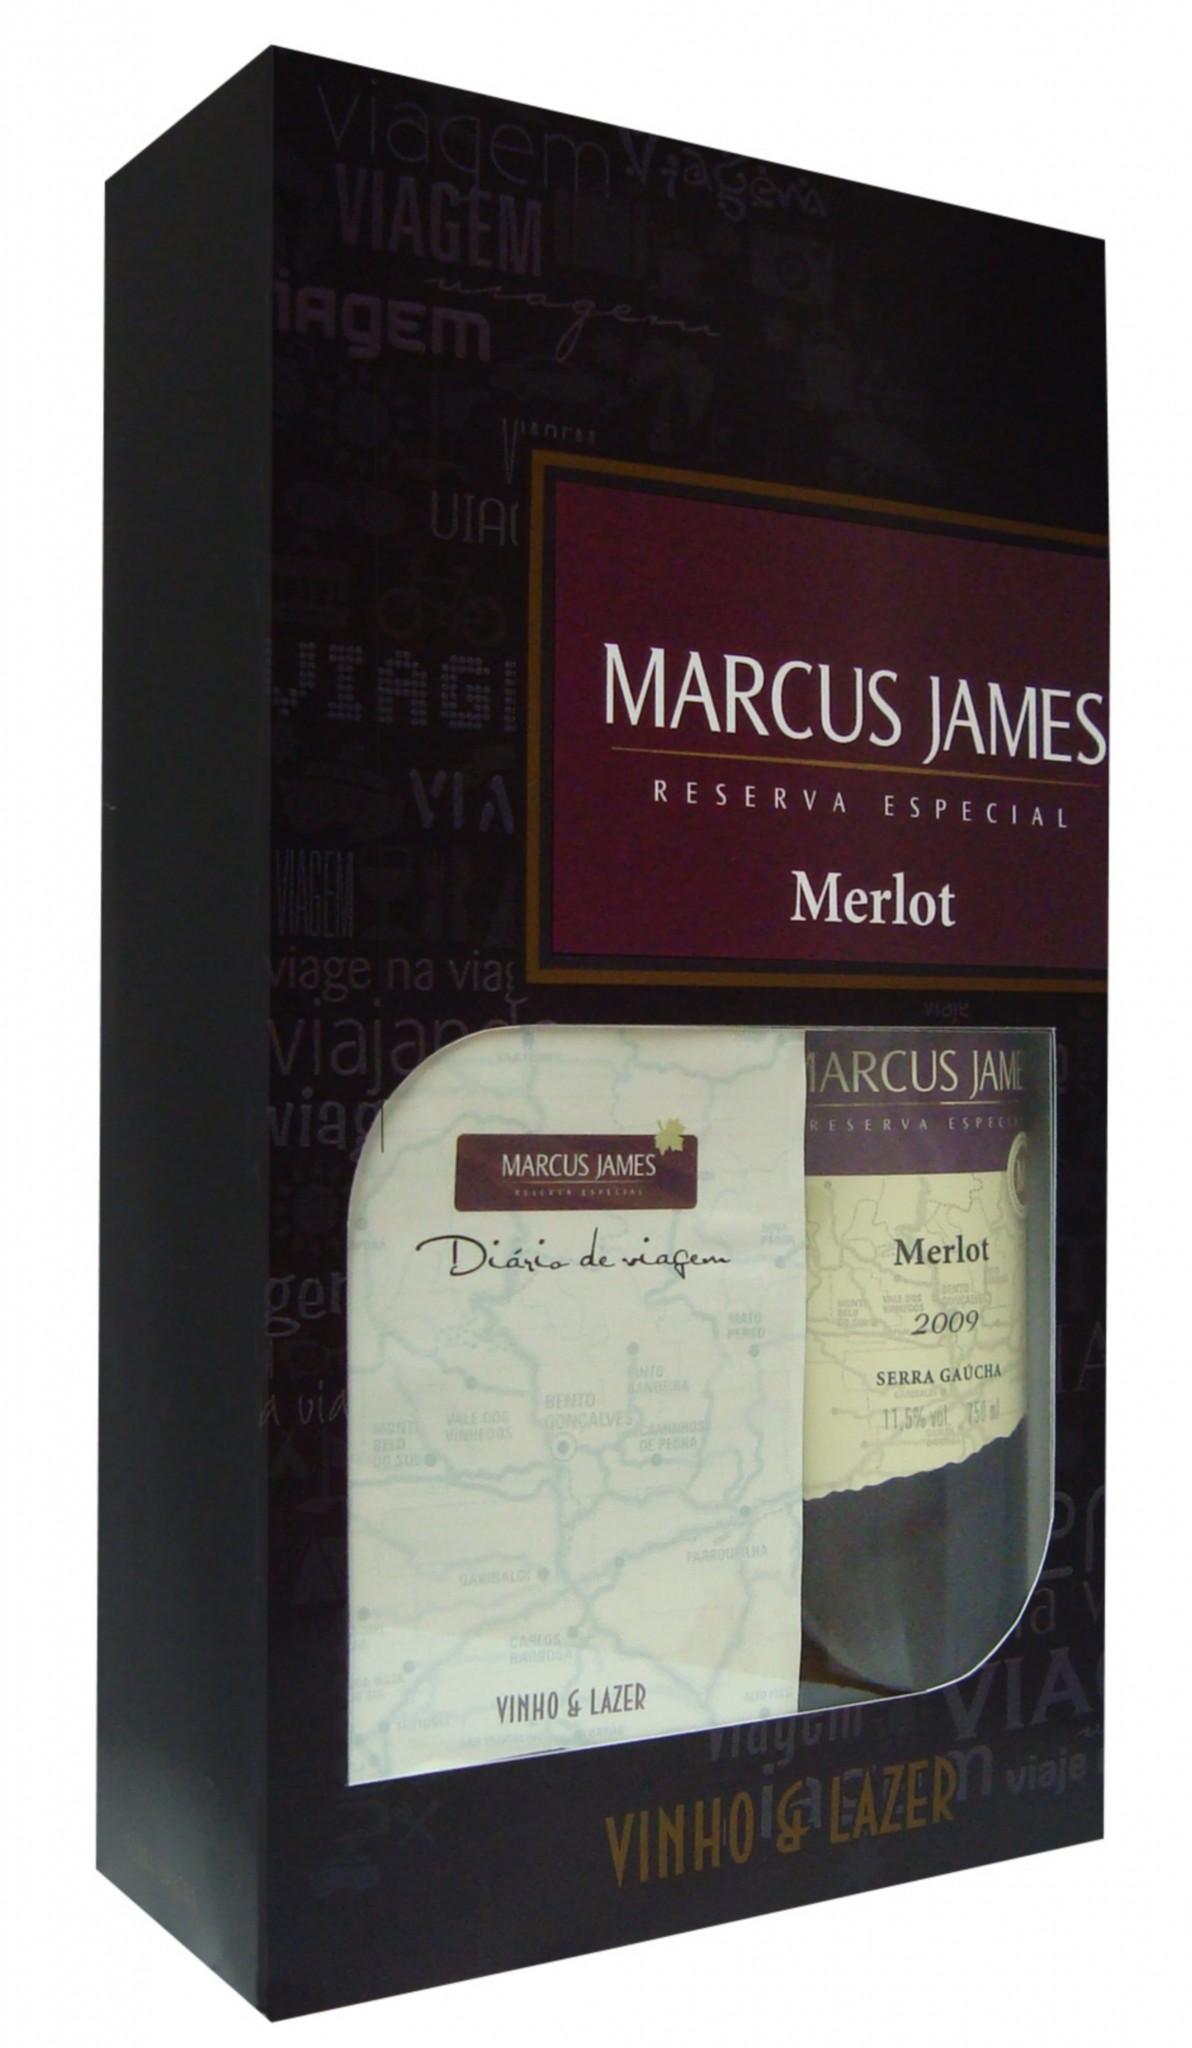 maleta-marcus-james-merlot-com-diario